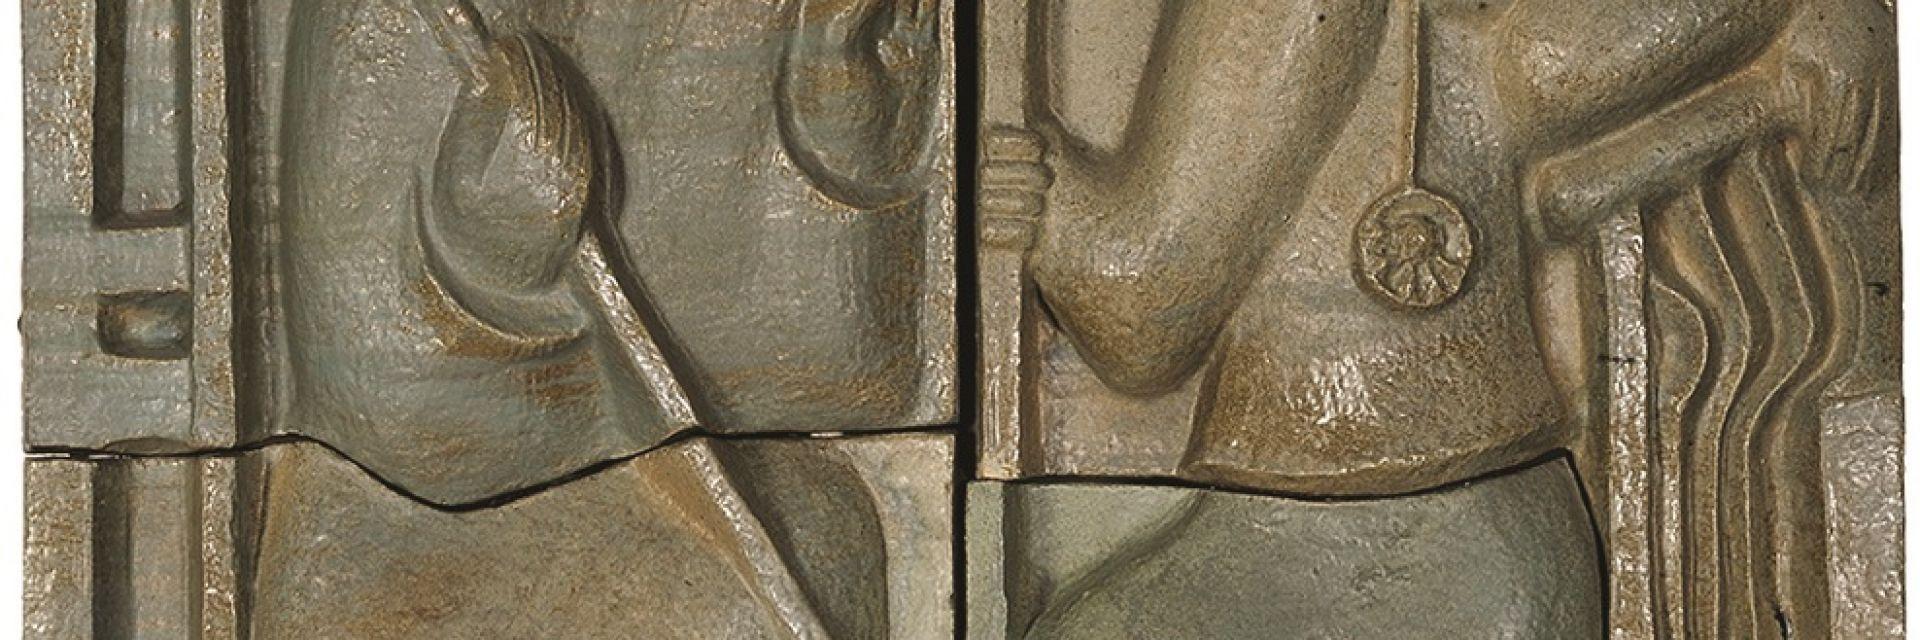 Музеят на социалистическото изкуство представя керамика, неподвластна на времето